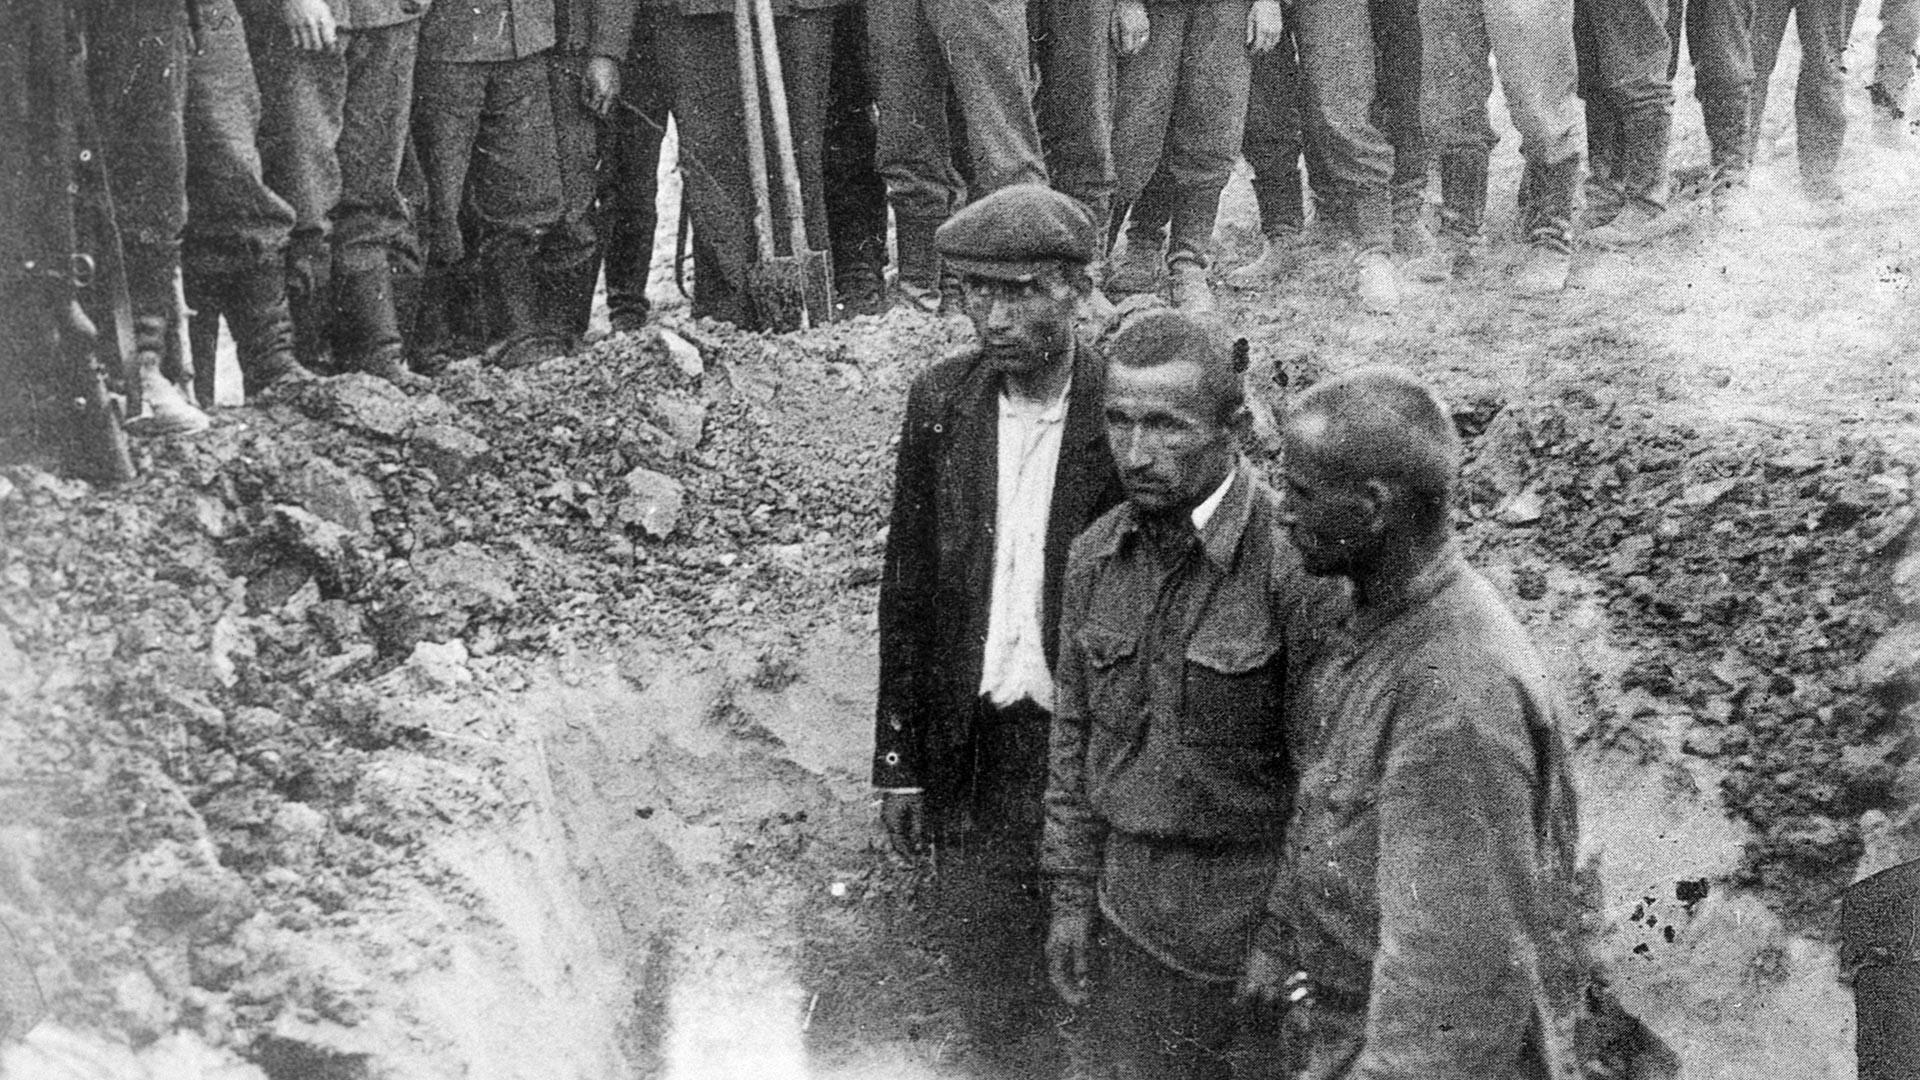 Des prisonniers de guerre soviétiques avant leur exécution